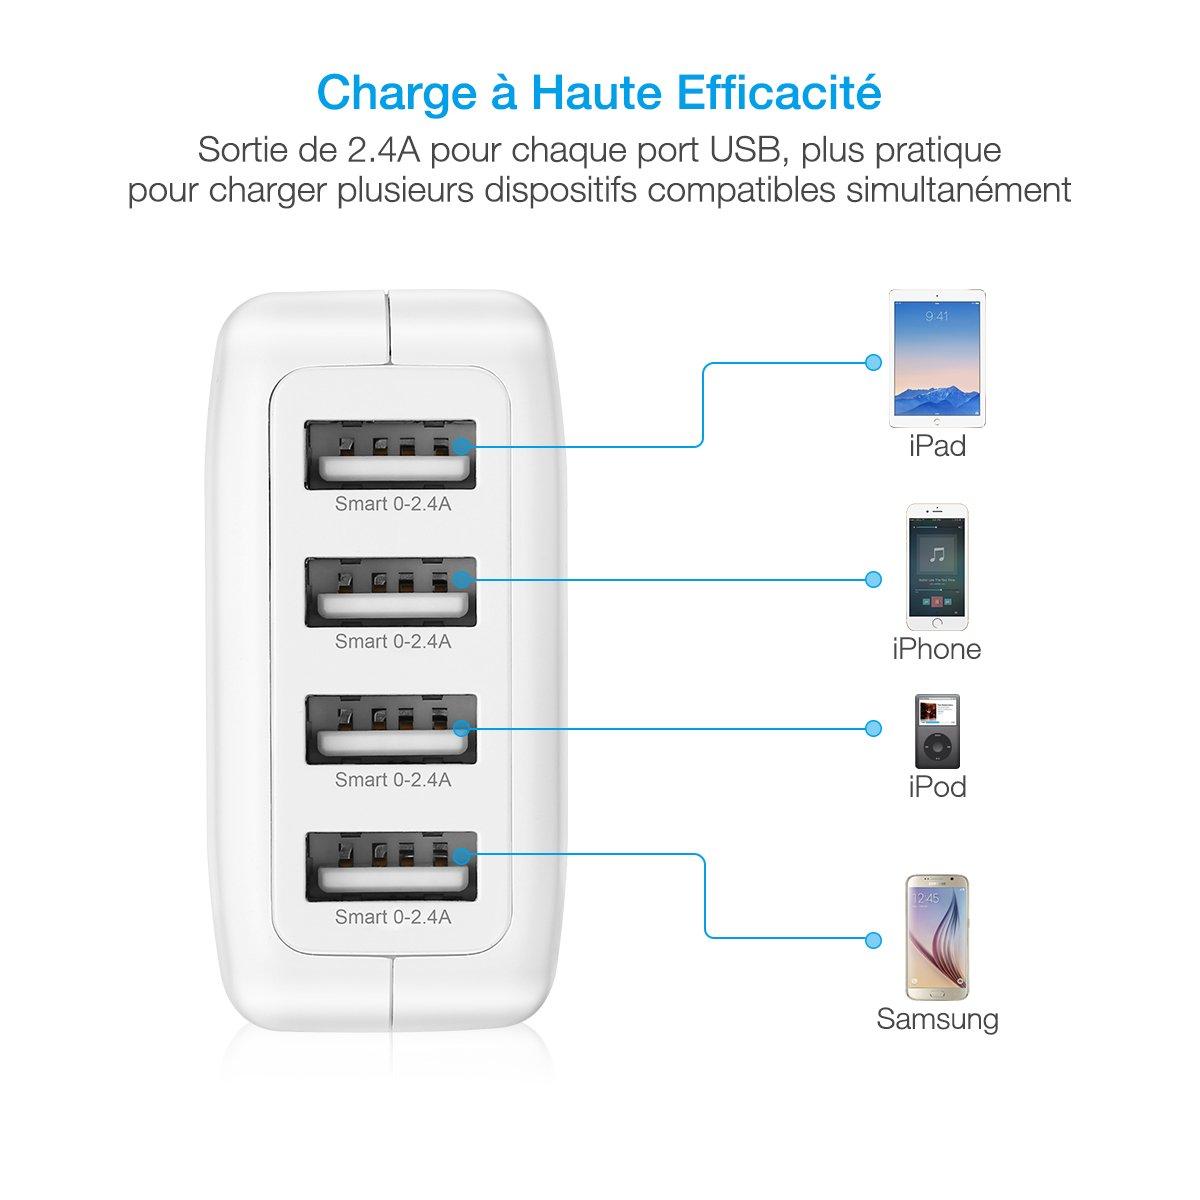 Poweradd Chargeur de Voyage 4 Ports USB Chargeur Mural avec Prises Interchangeables UK EU AU et US pour iPhone iPad, Samsung Galaxy, Smartphones, Tablette, Batterie Externe - Blanc